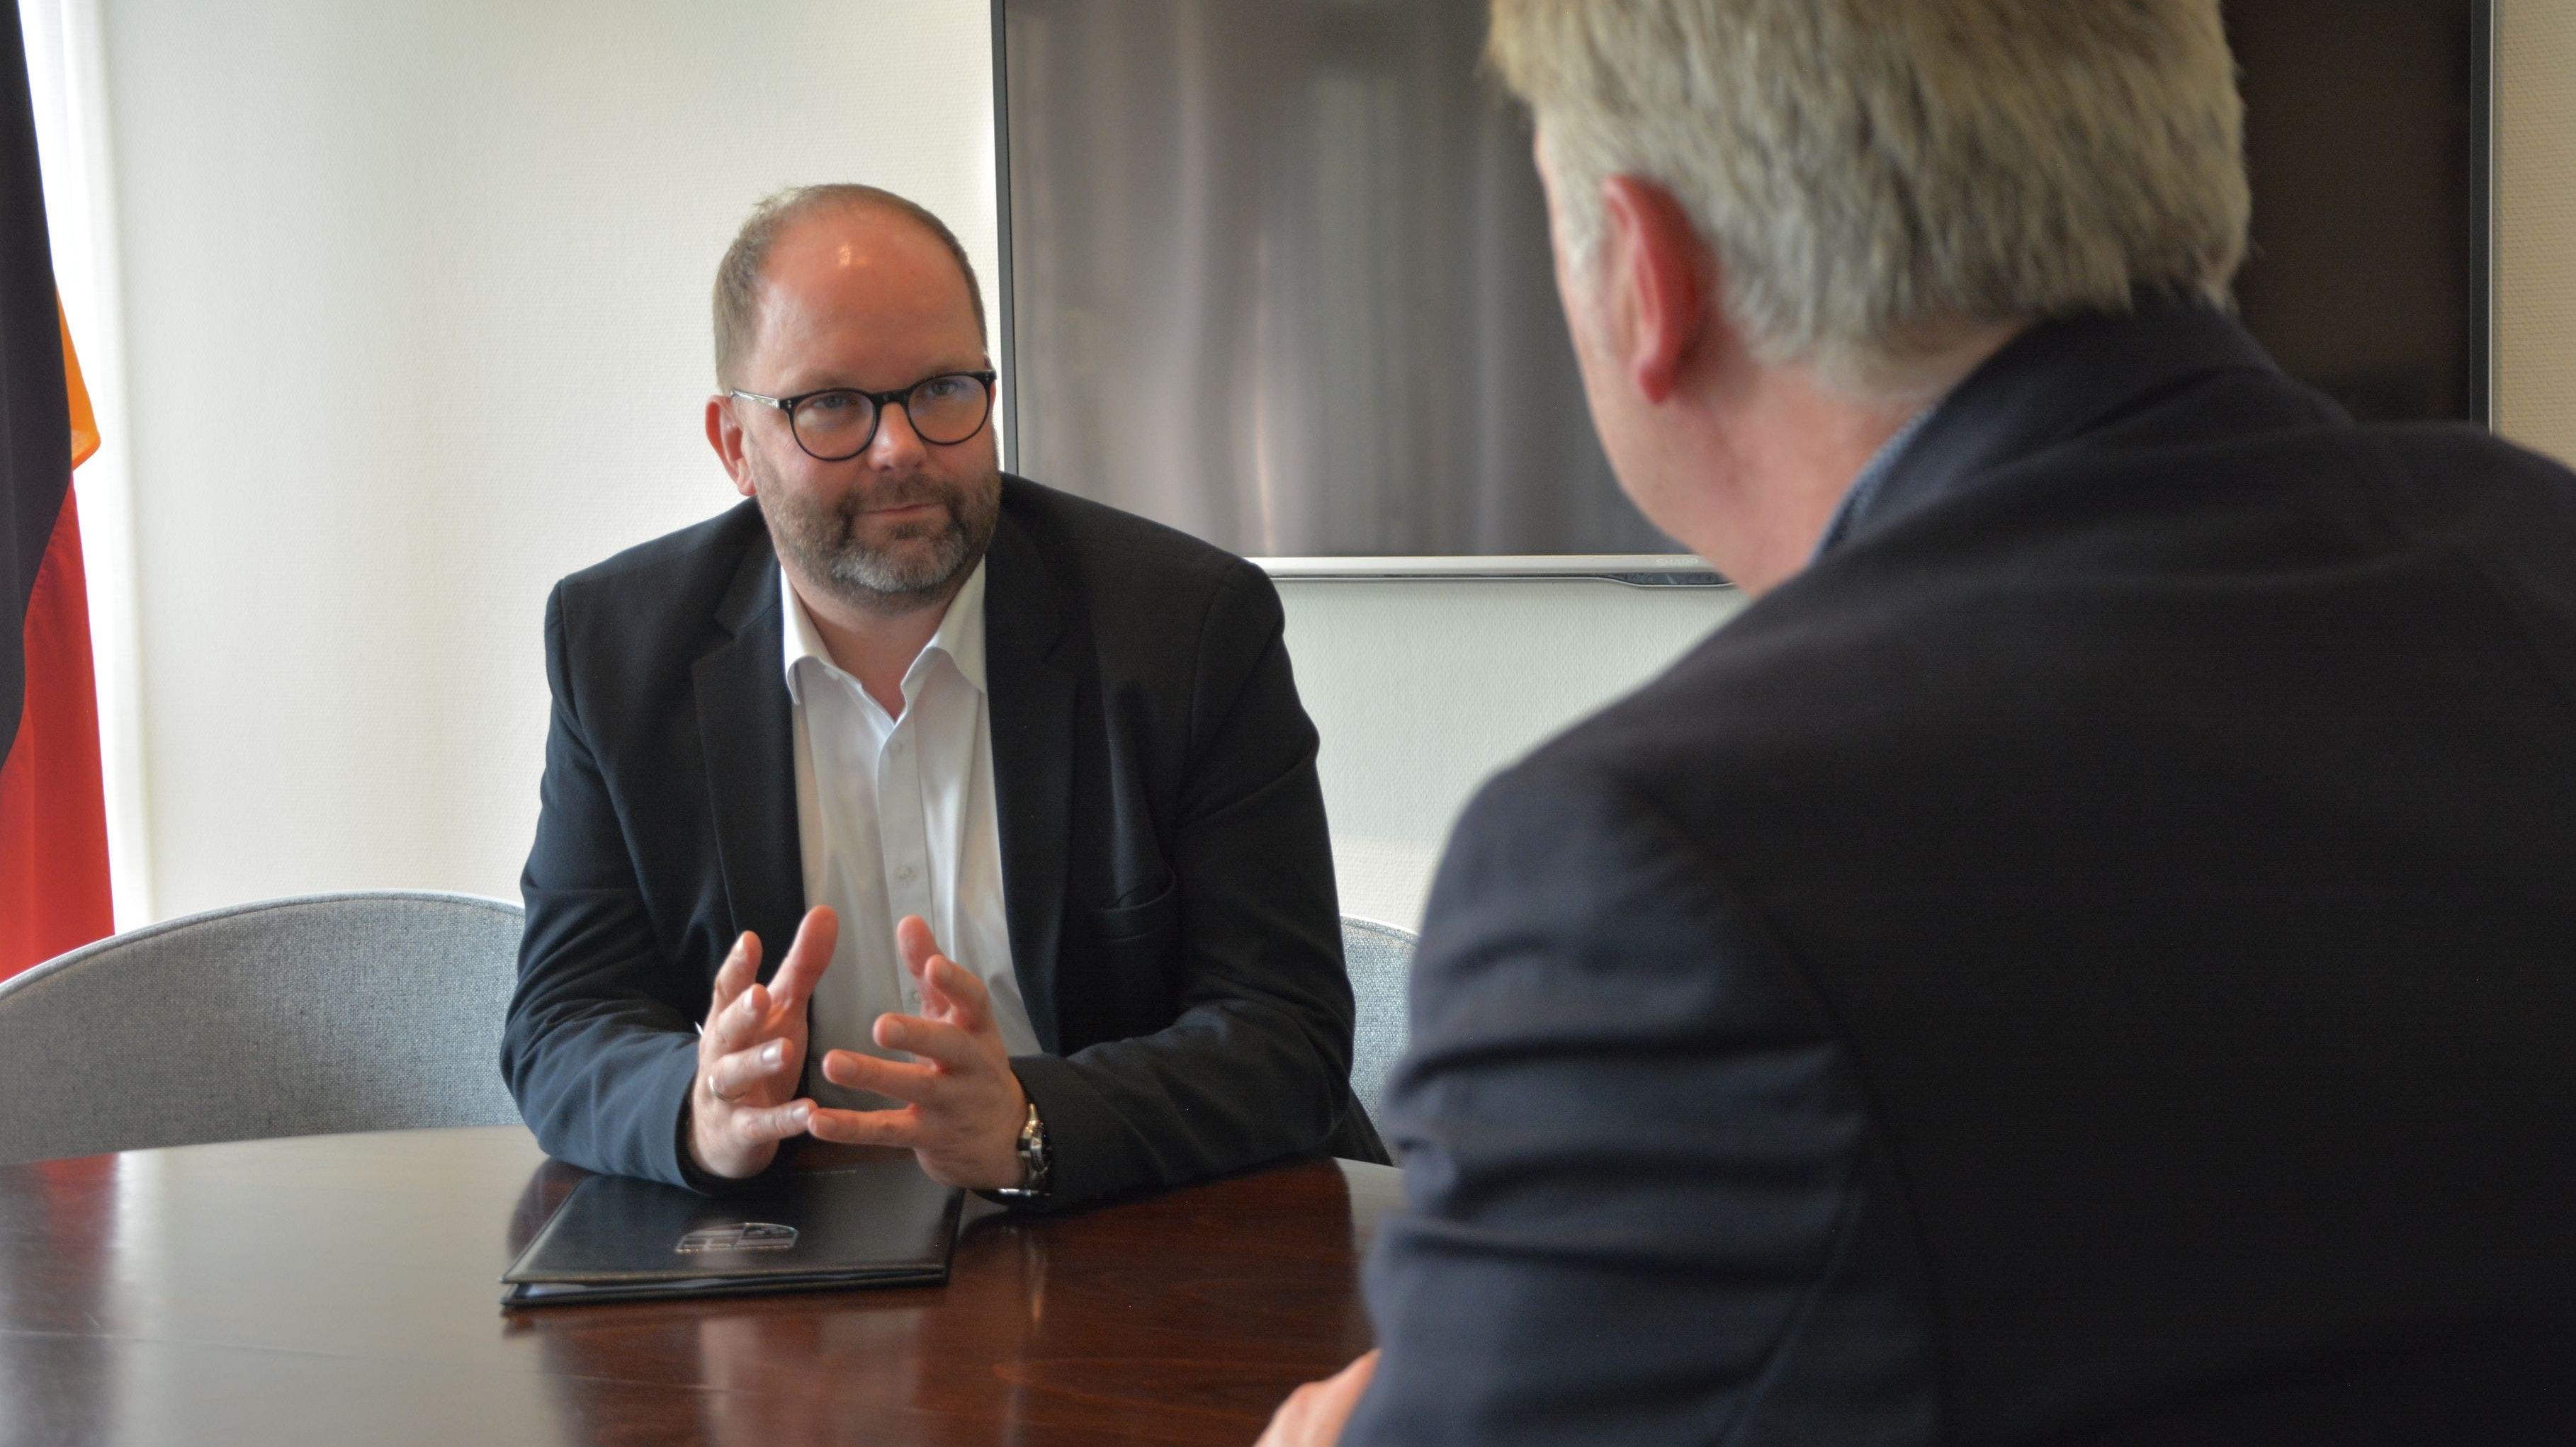 Kann weitere Maßnahmen nicht ausschließen: Cloppenburgs Landrat Johann Wimberg im Gespräch mit Chefredakteur Julius Höffmann. Foto: Oliver Hermes